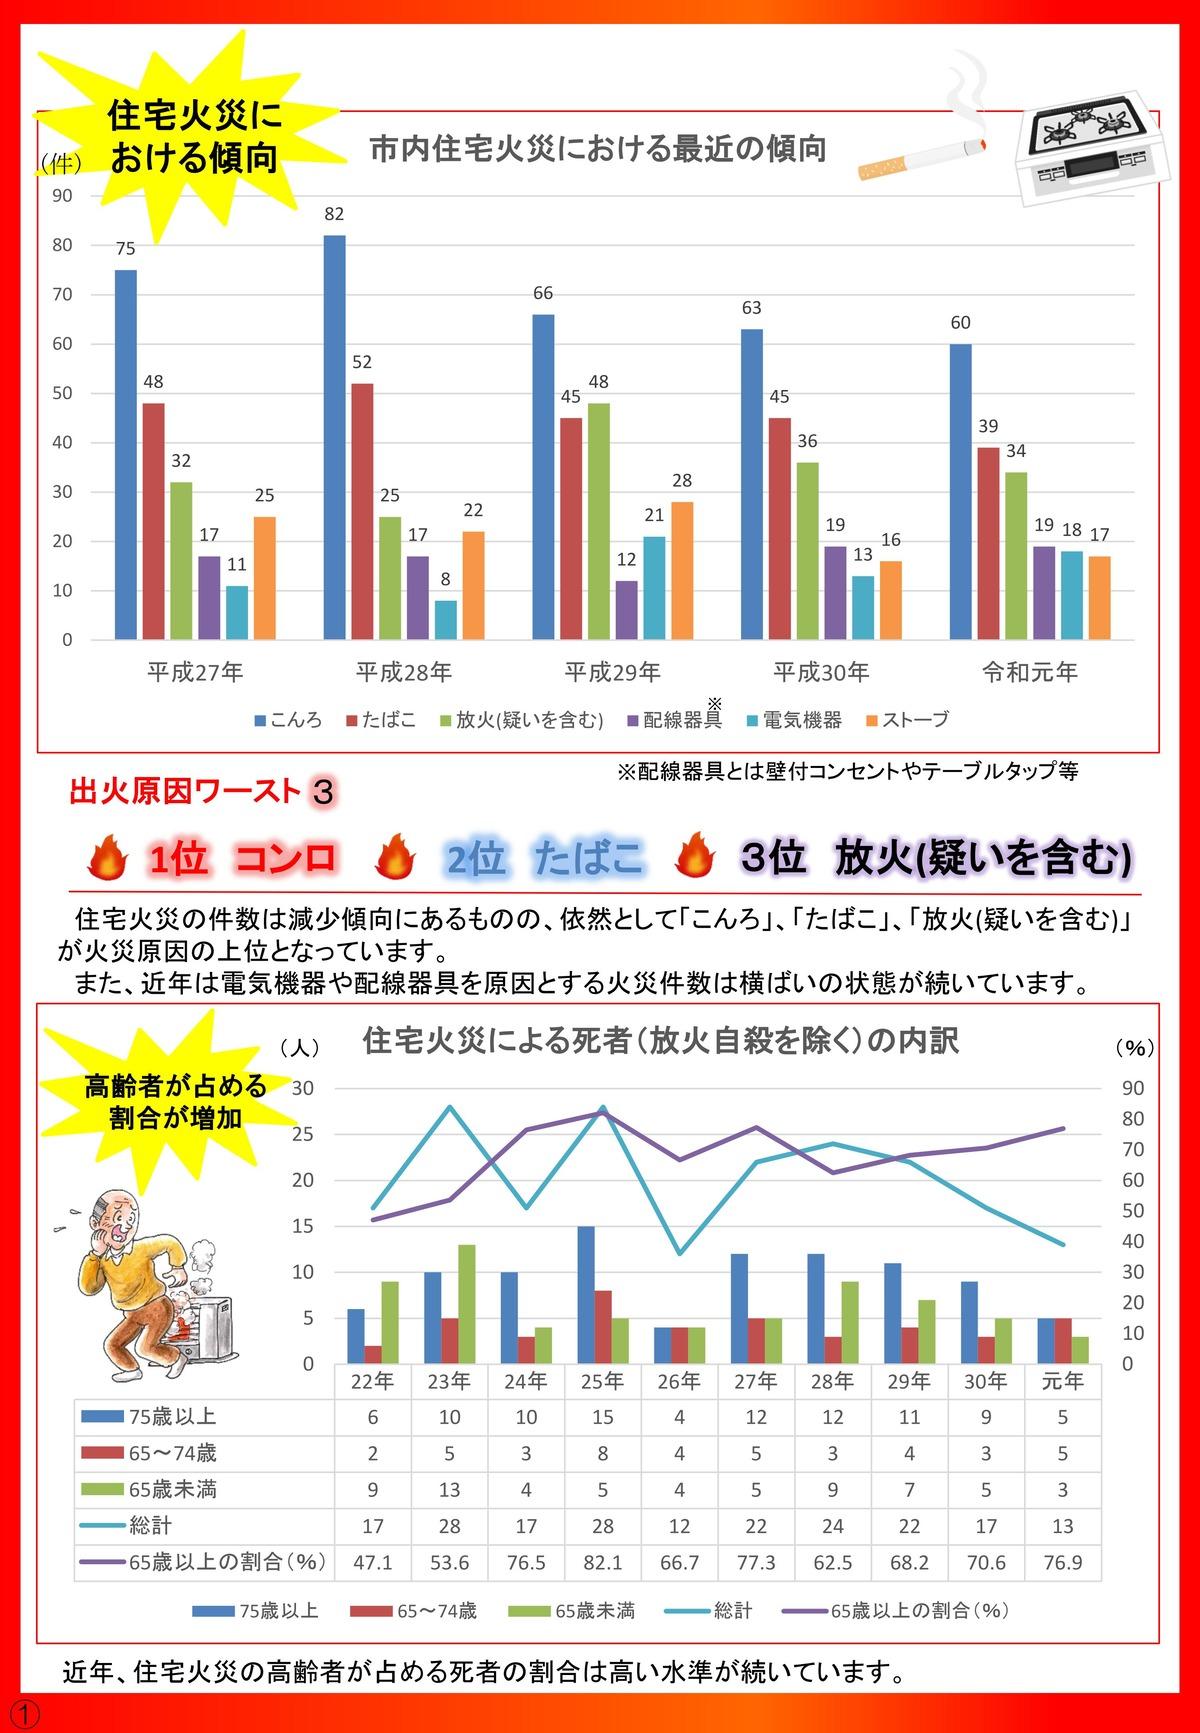 住宅火災アドバイス_住宅火災の傾向_20201026改_p2